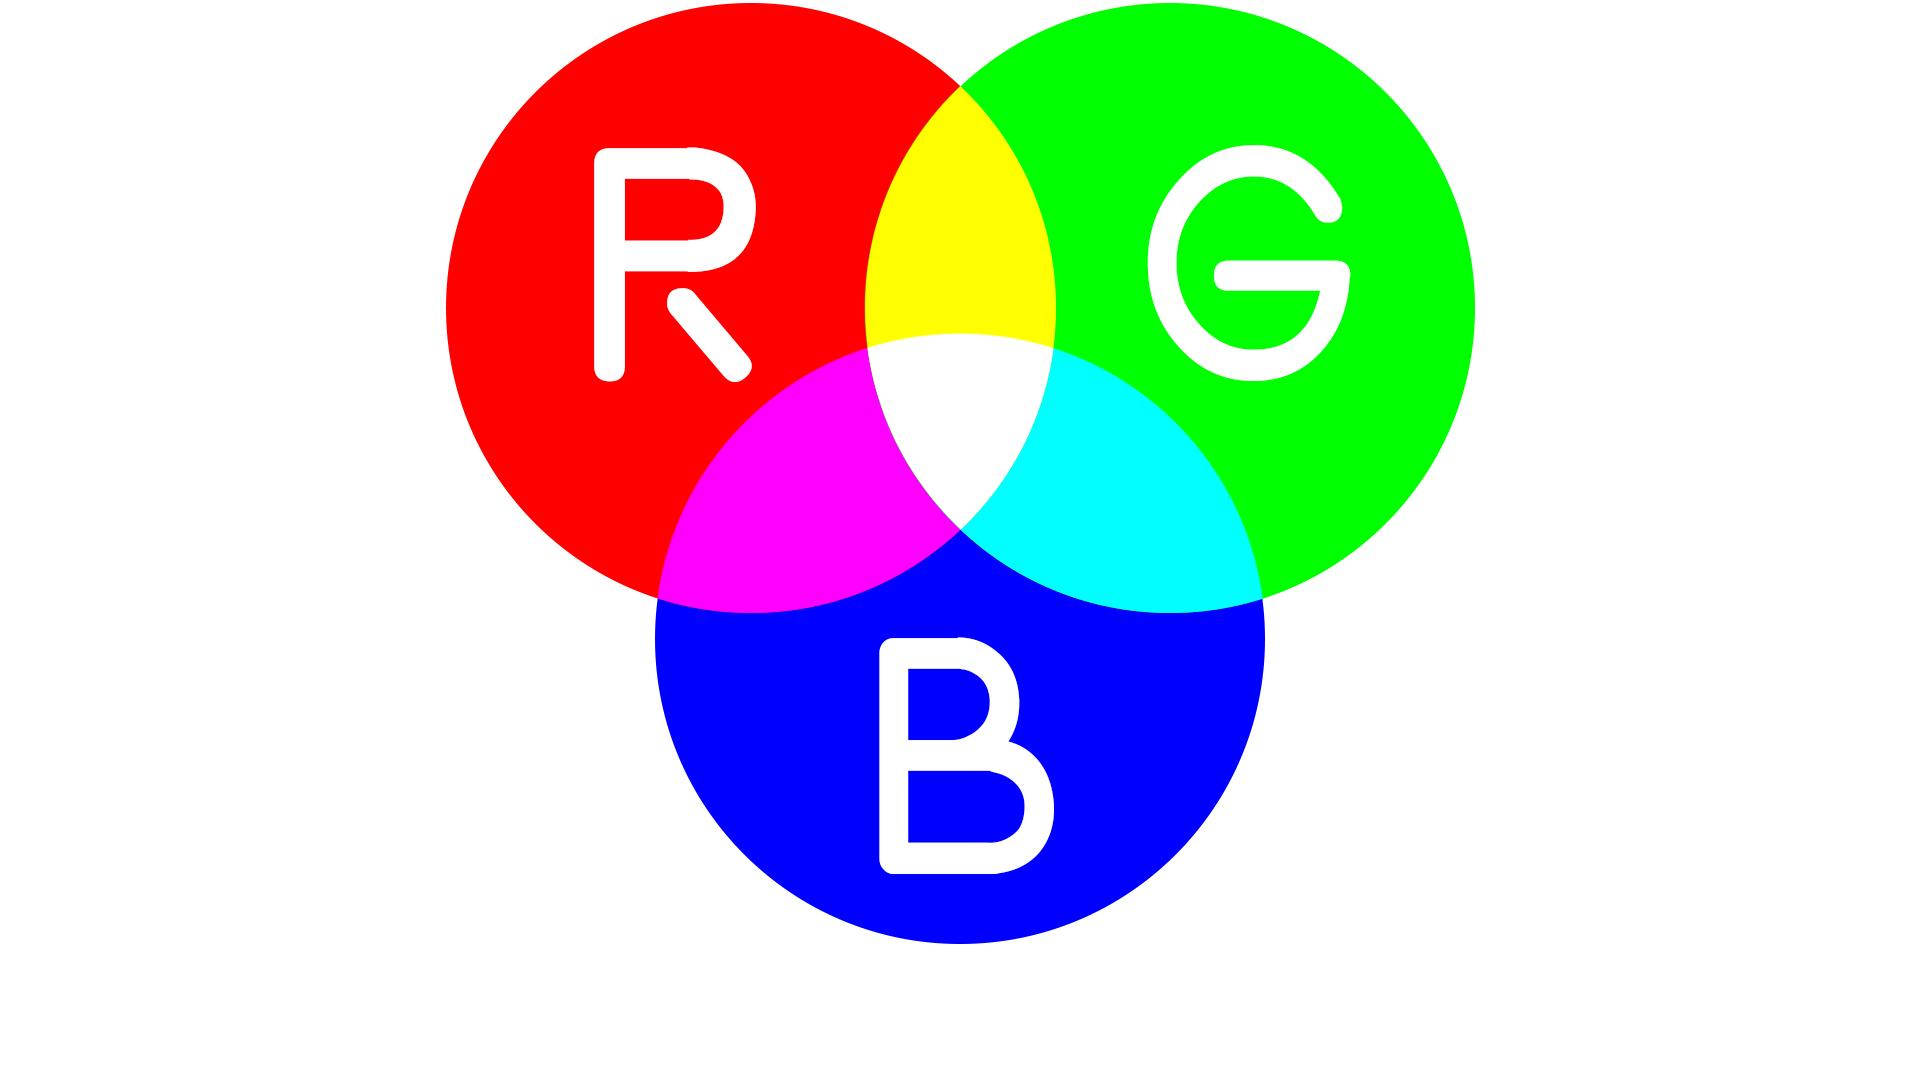 像素、分辨率、颜色模式分别都是什么?